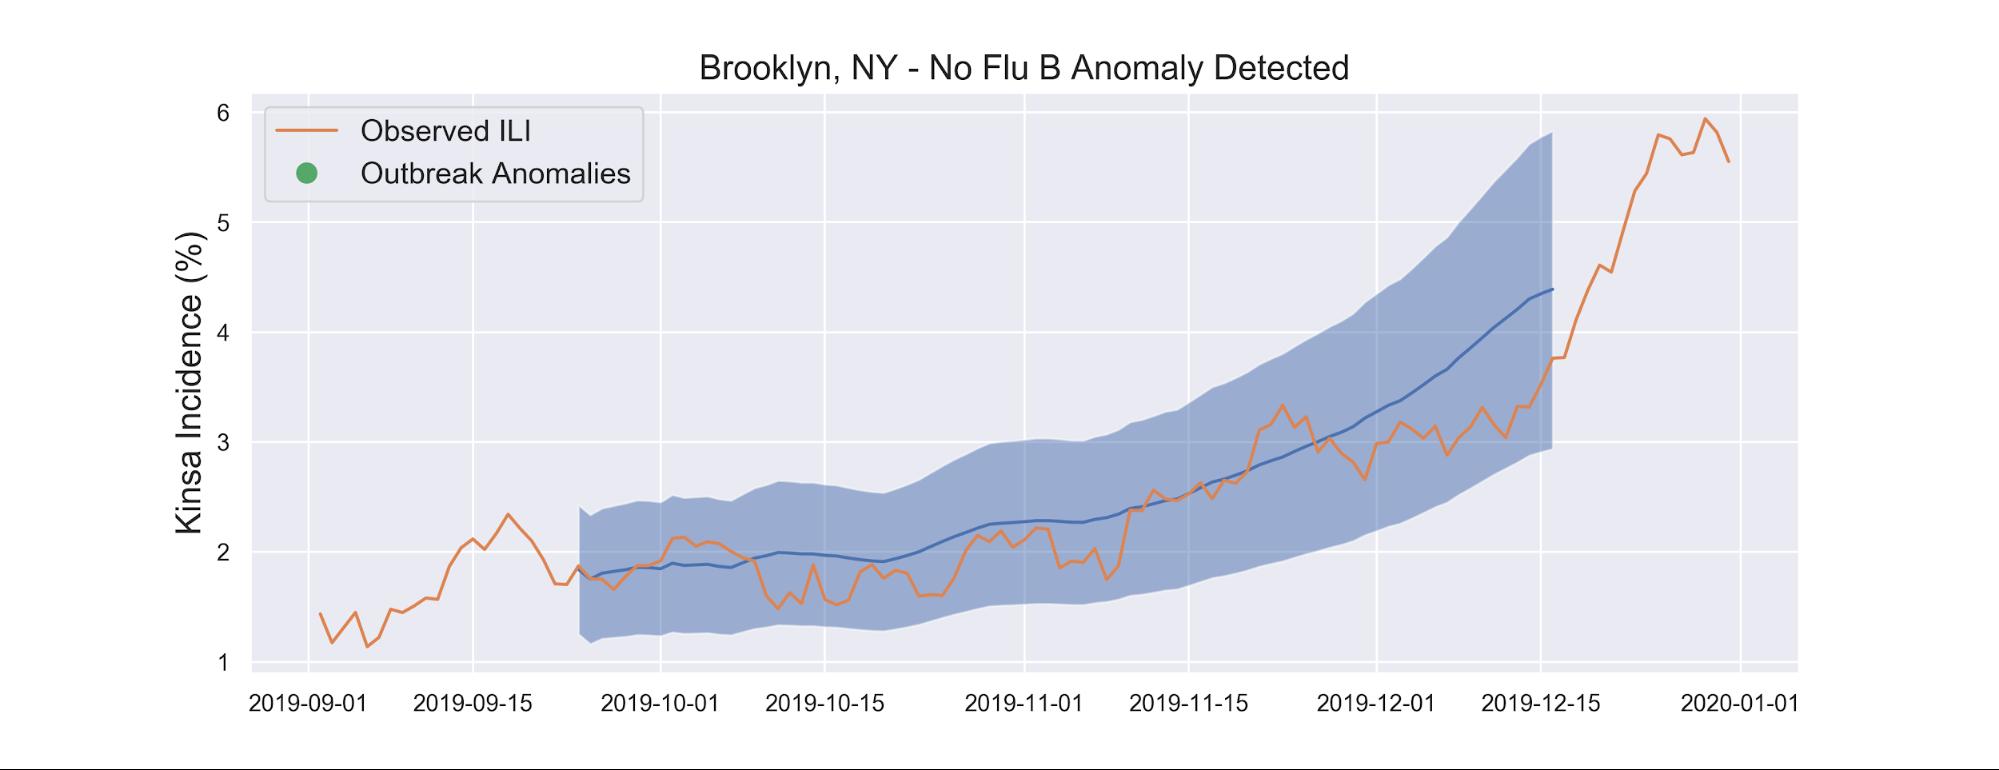 Brooklyn, NY - No Flu B Anomaly Detected